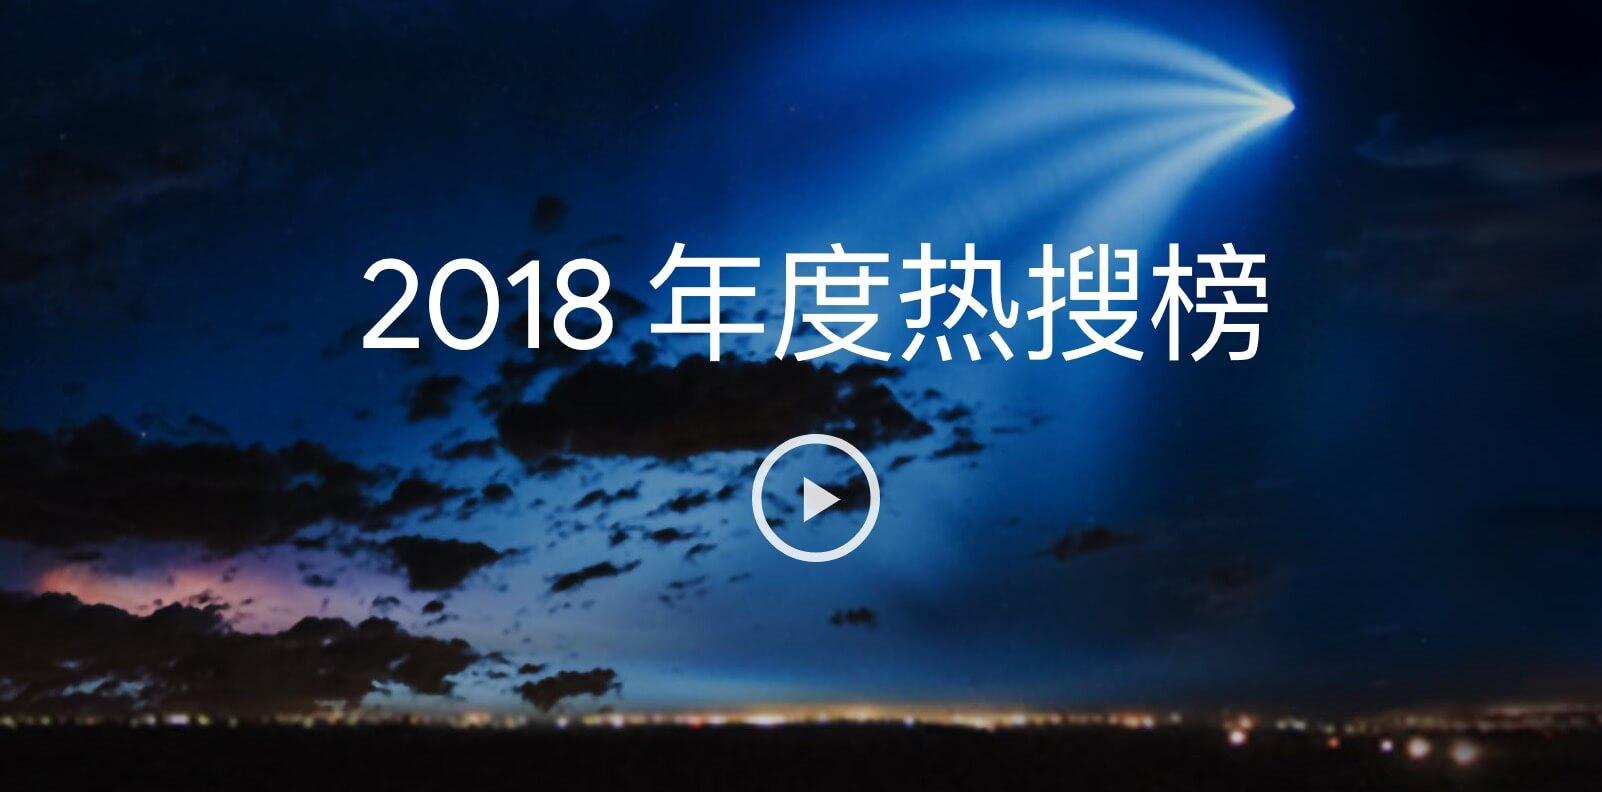 谷歌发布2018年度热搜榜:世界杯排第一 还有一个中文词在首位 - 小偷娱乐网